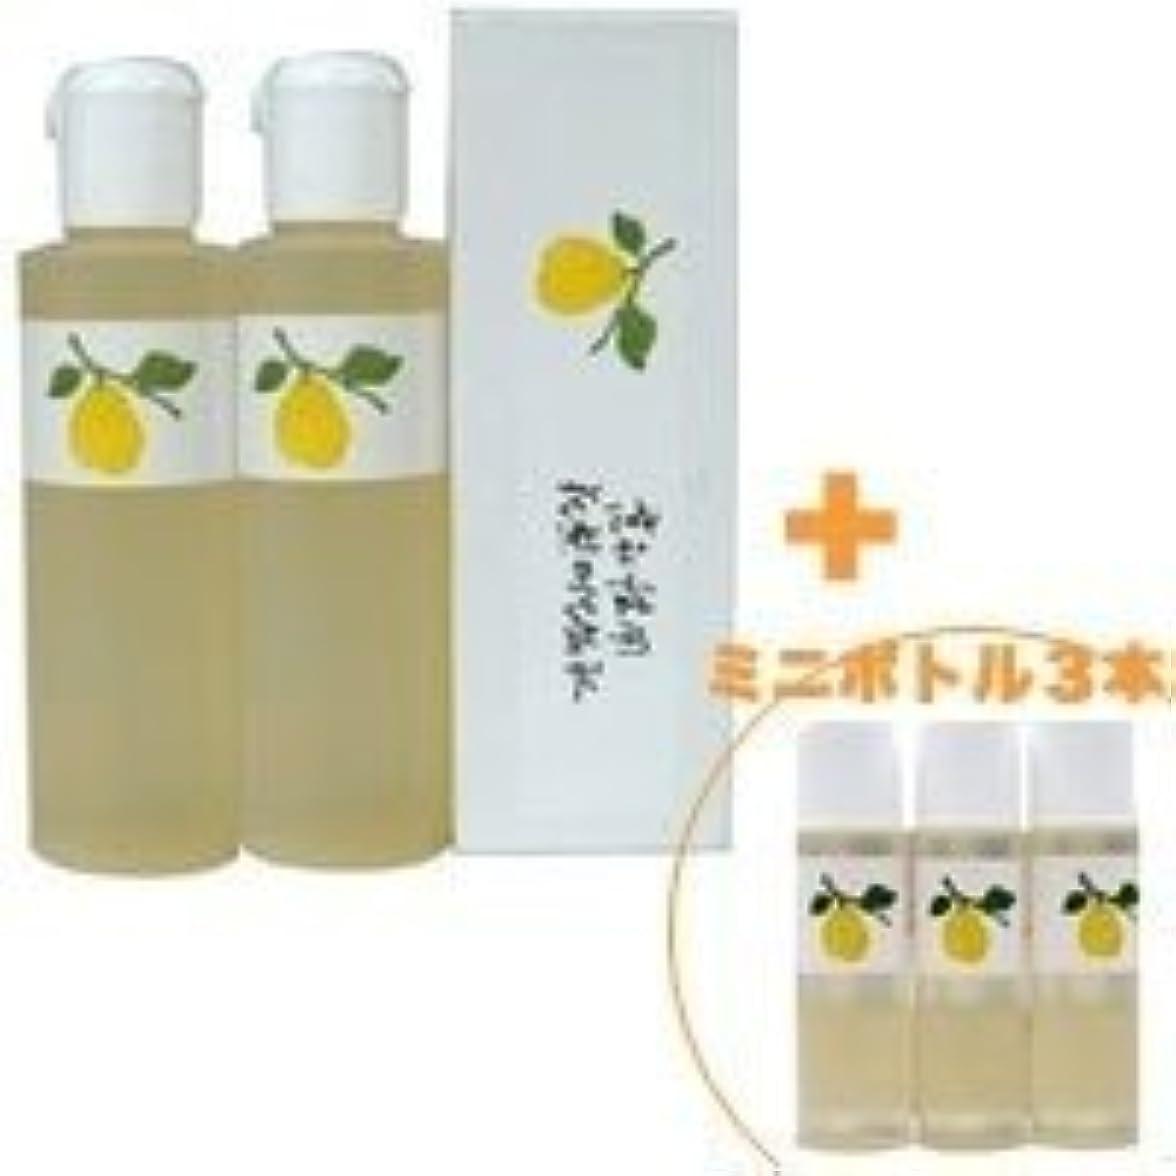 パース資本主義統計花梨の化粧水 200ml 2本&ミニボトル 3本 美容液 栄養クリームのいらないお肌へ 保湿と乾燥対策に